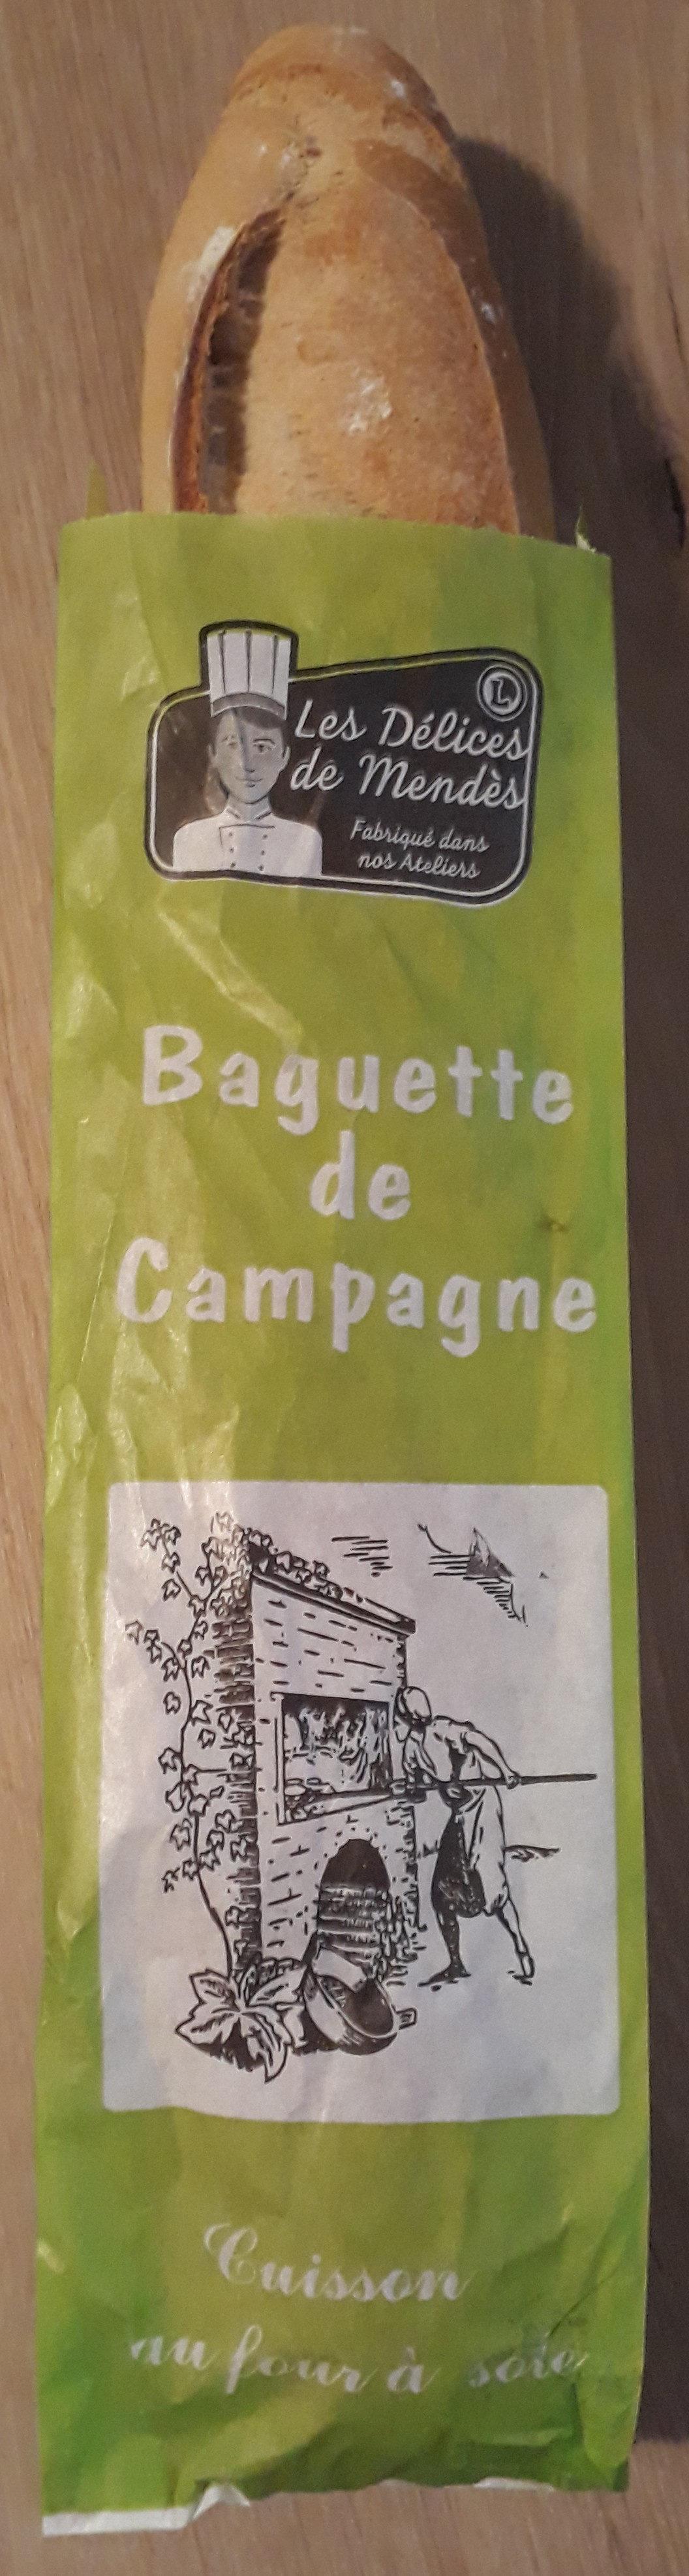 Baguette de campagne - Product - fr